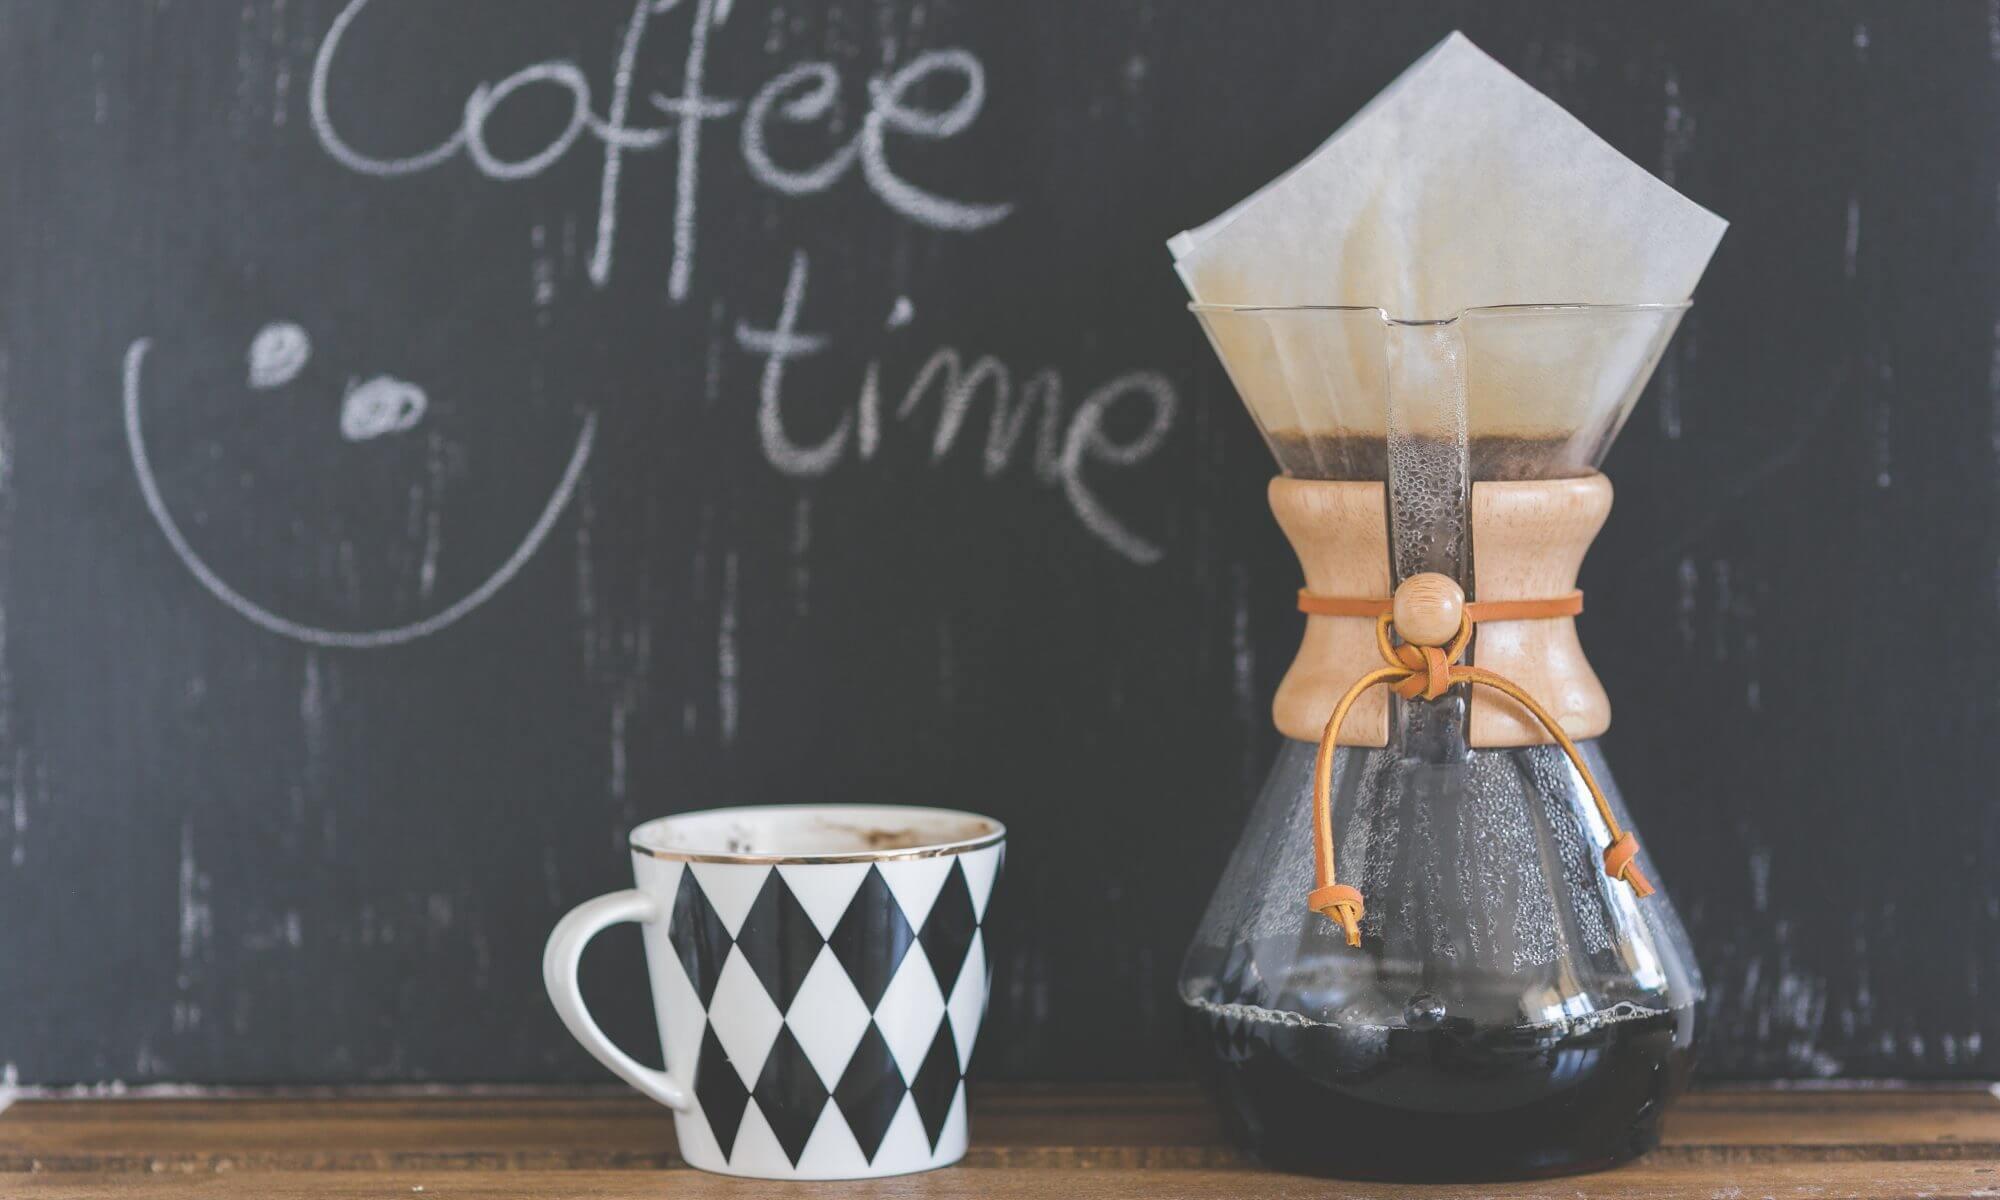 Coffee break offered by Juniper